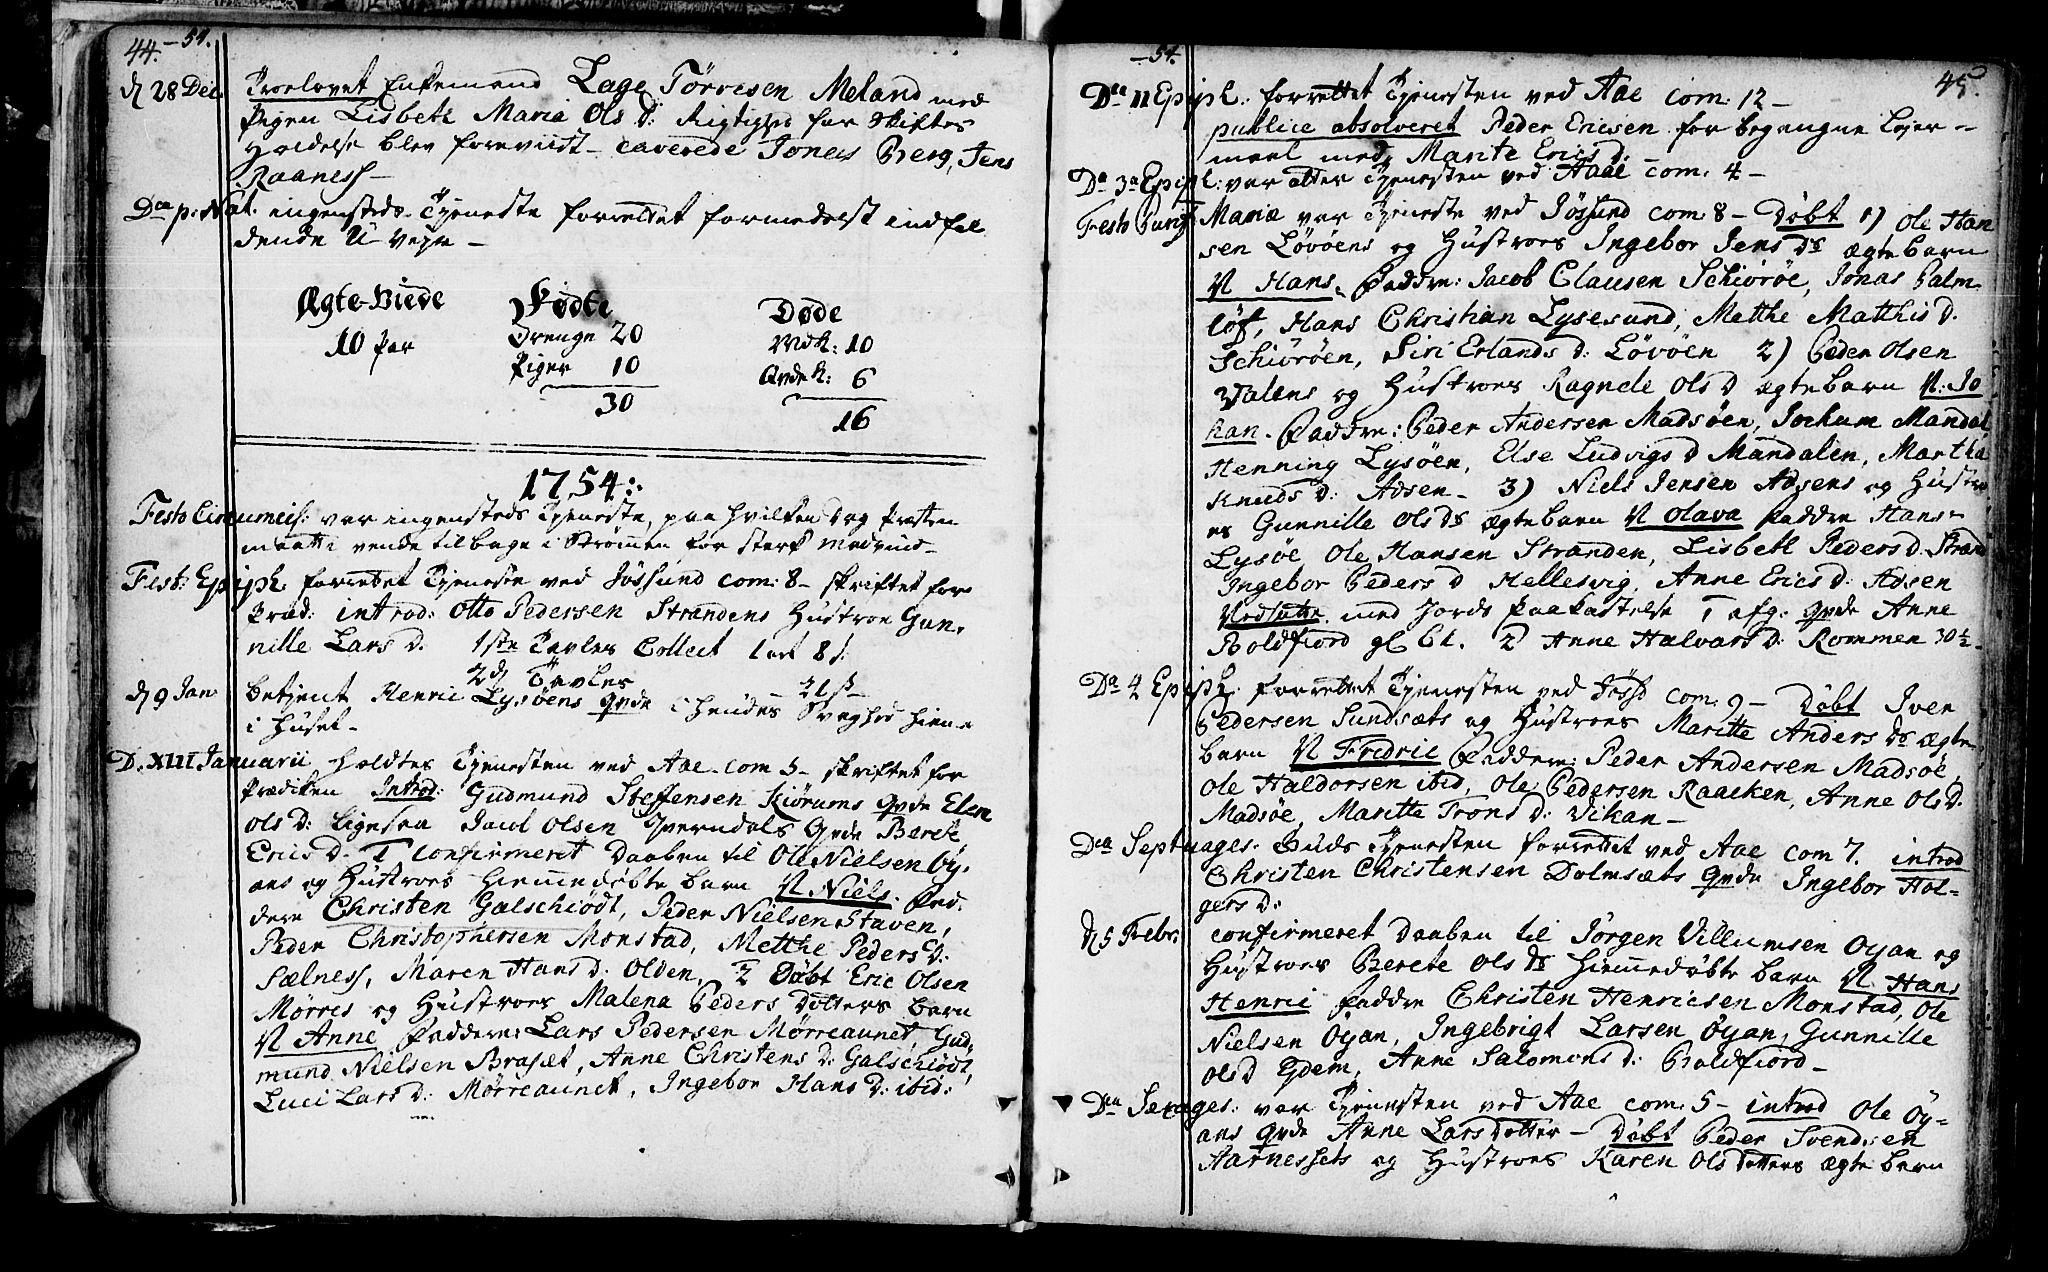 SAT, Ministerialprotokoller, klokkerbøker og fødselsregistre - Sør-Trøndelag, 655/L0672: Ministerialbok nr. 655A01, 1750-1779, s. 44-45